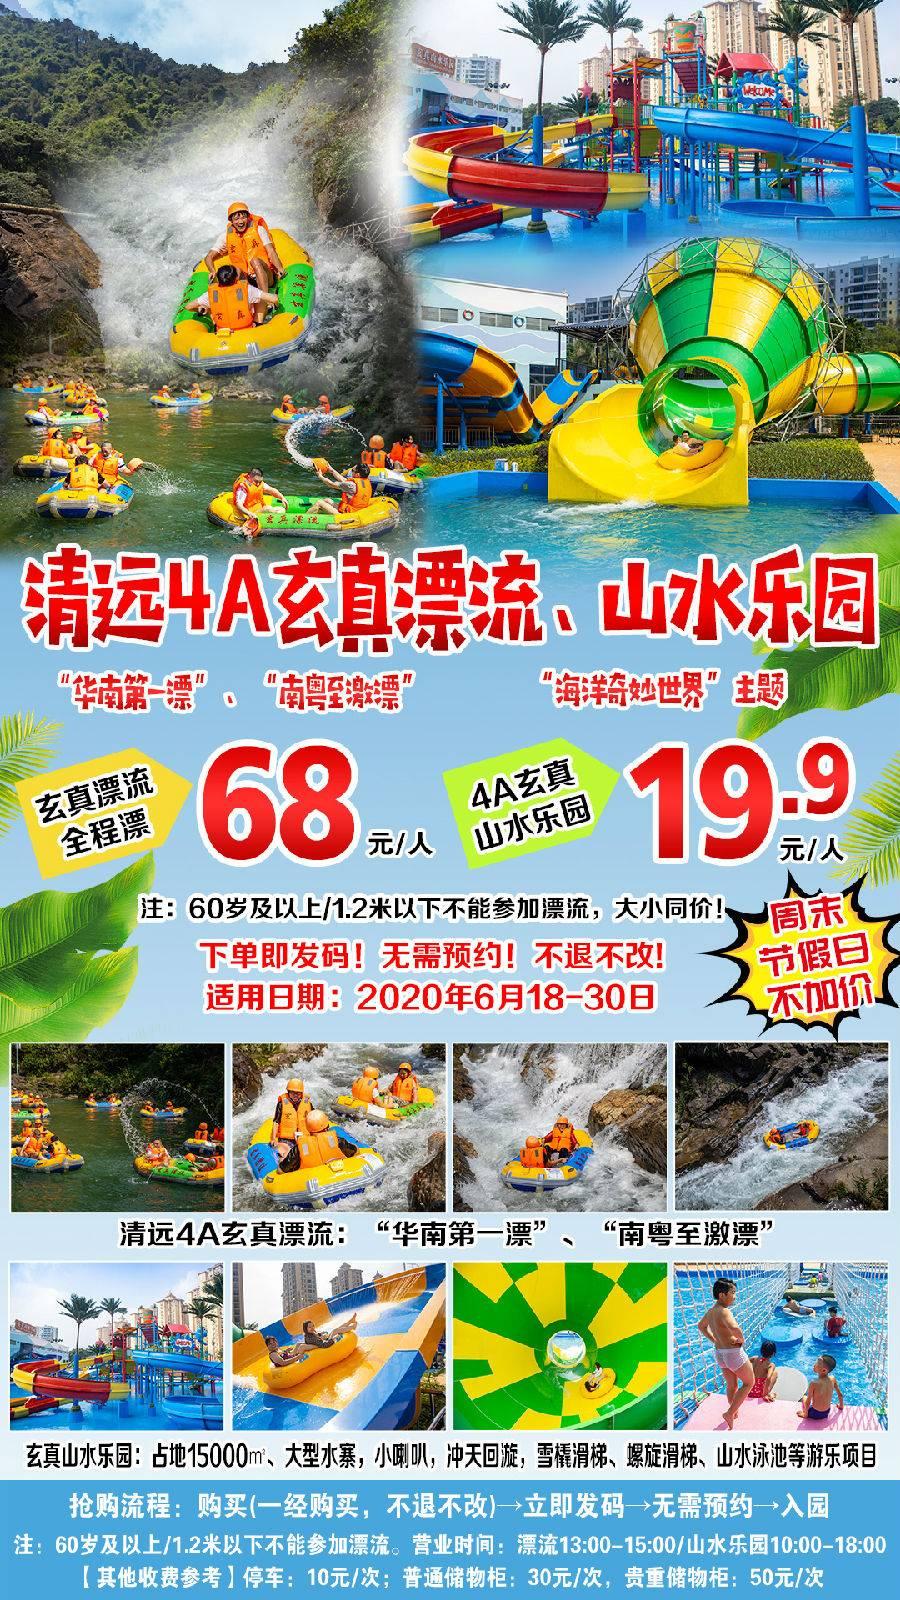 【预售】【周末节假日通用】清远4A玄真~山水乐园单人票~19.9元【B产品,适用日期2020年6月18日-6月30日】